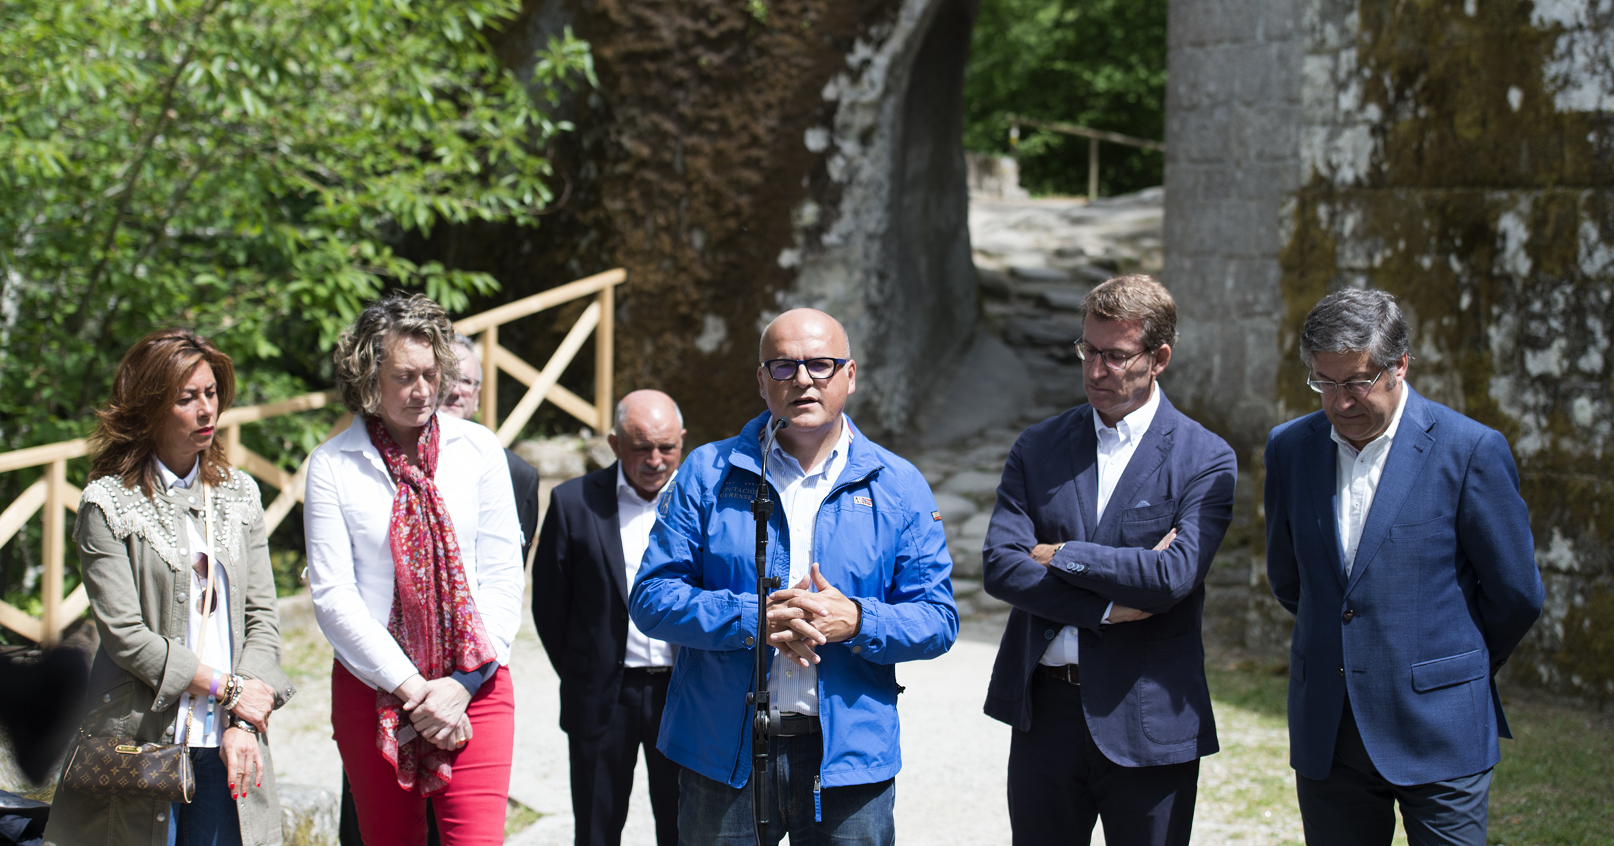 O presidente da Deputación Provincial de Ourense, intervindo ante o presidente da Xunta, nunha visita ao Mosteiro de Rocas o pasado ano.  - FOTO: Gallego